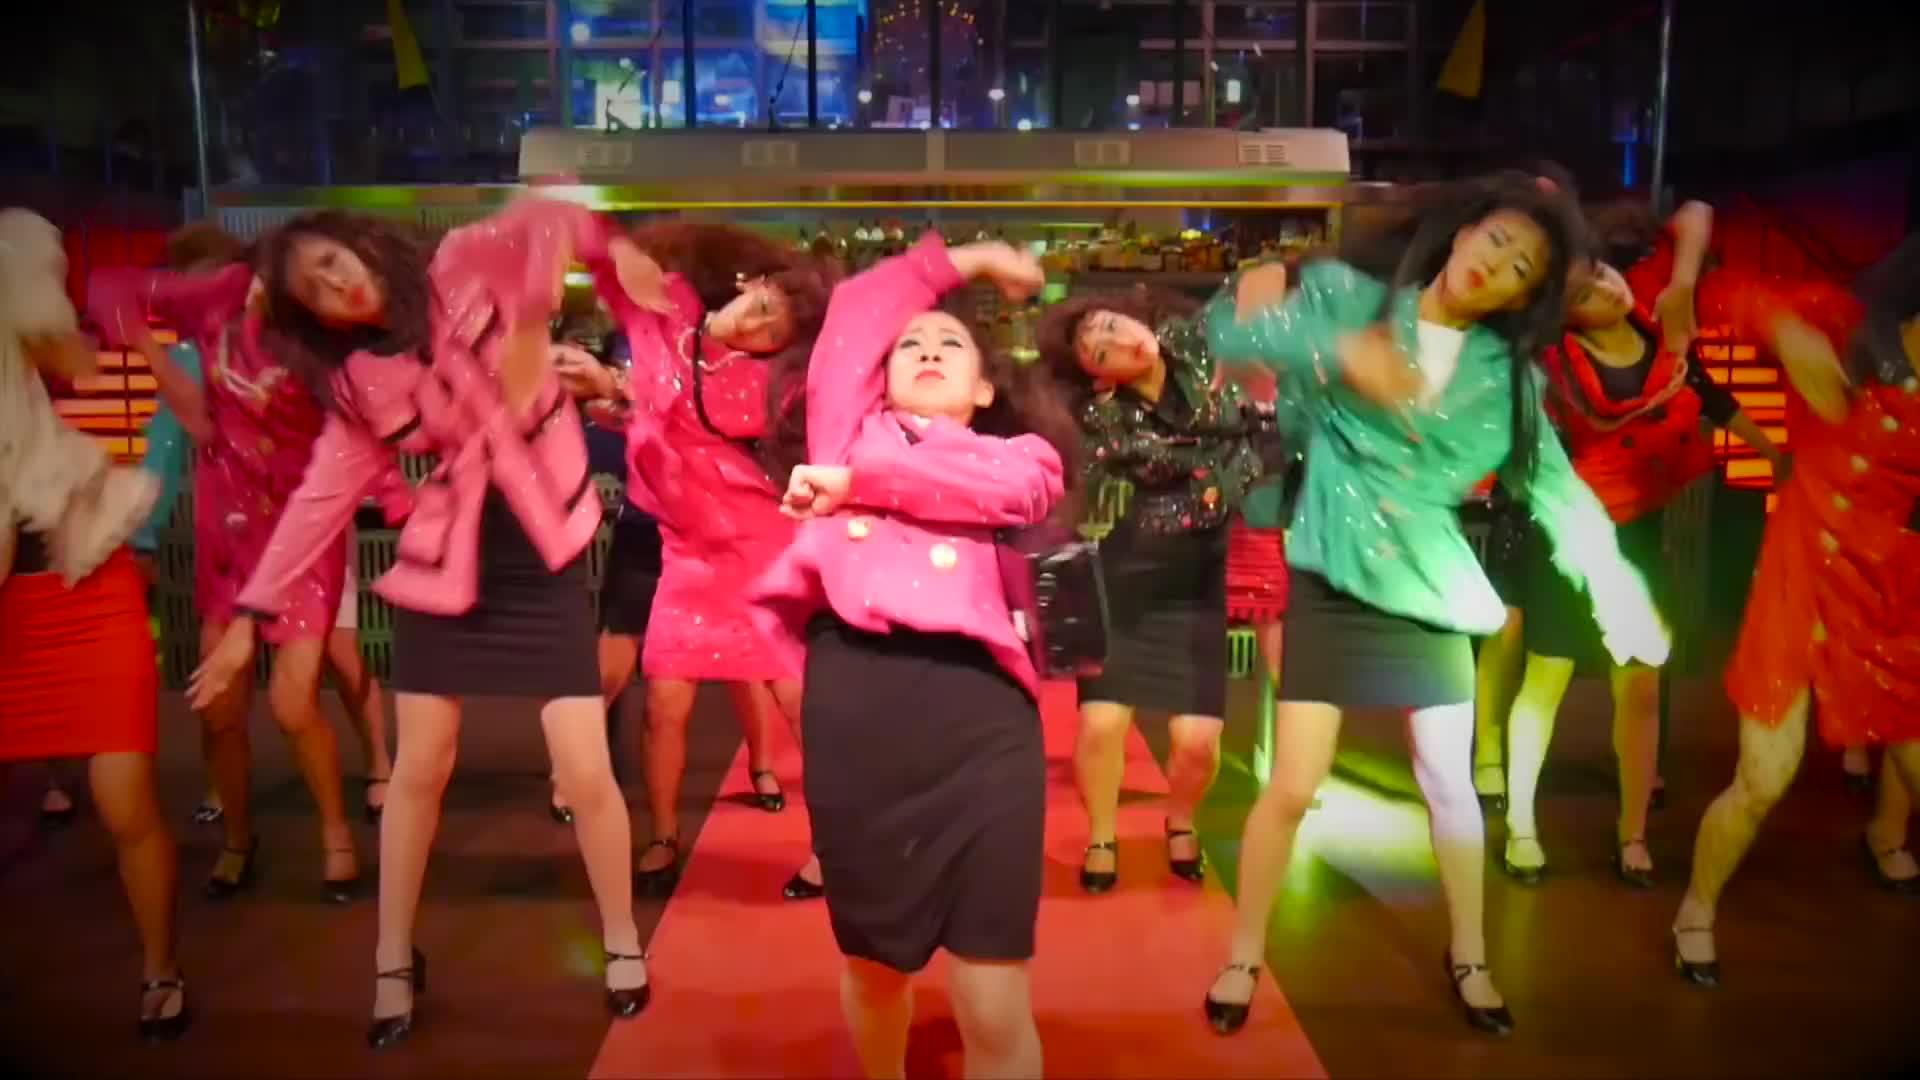 Vũ đạo gây sốt mới của Chi Pu lấy cảm hứng từ hội chị em quái dị Nhật Bản? ảnh 5